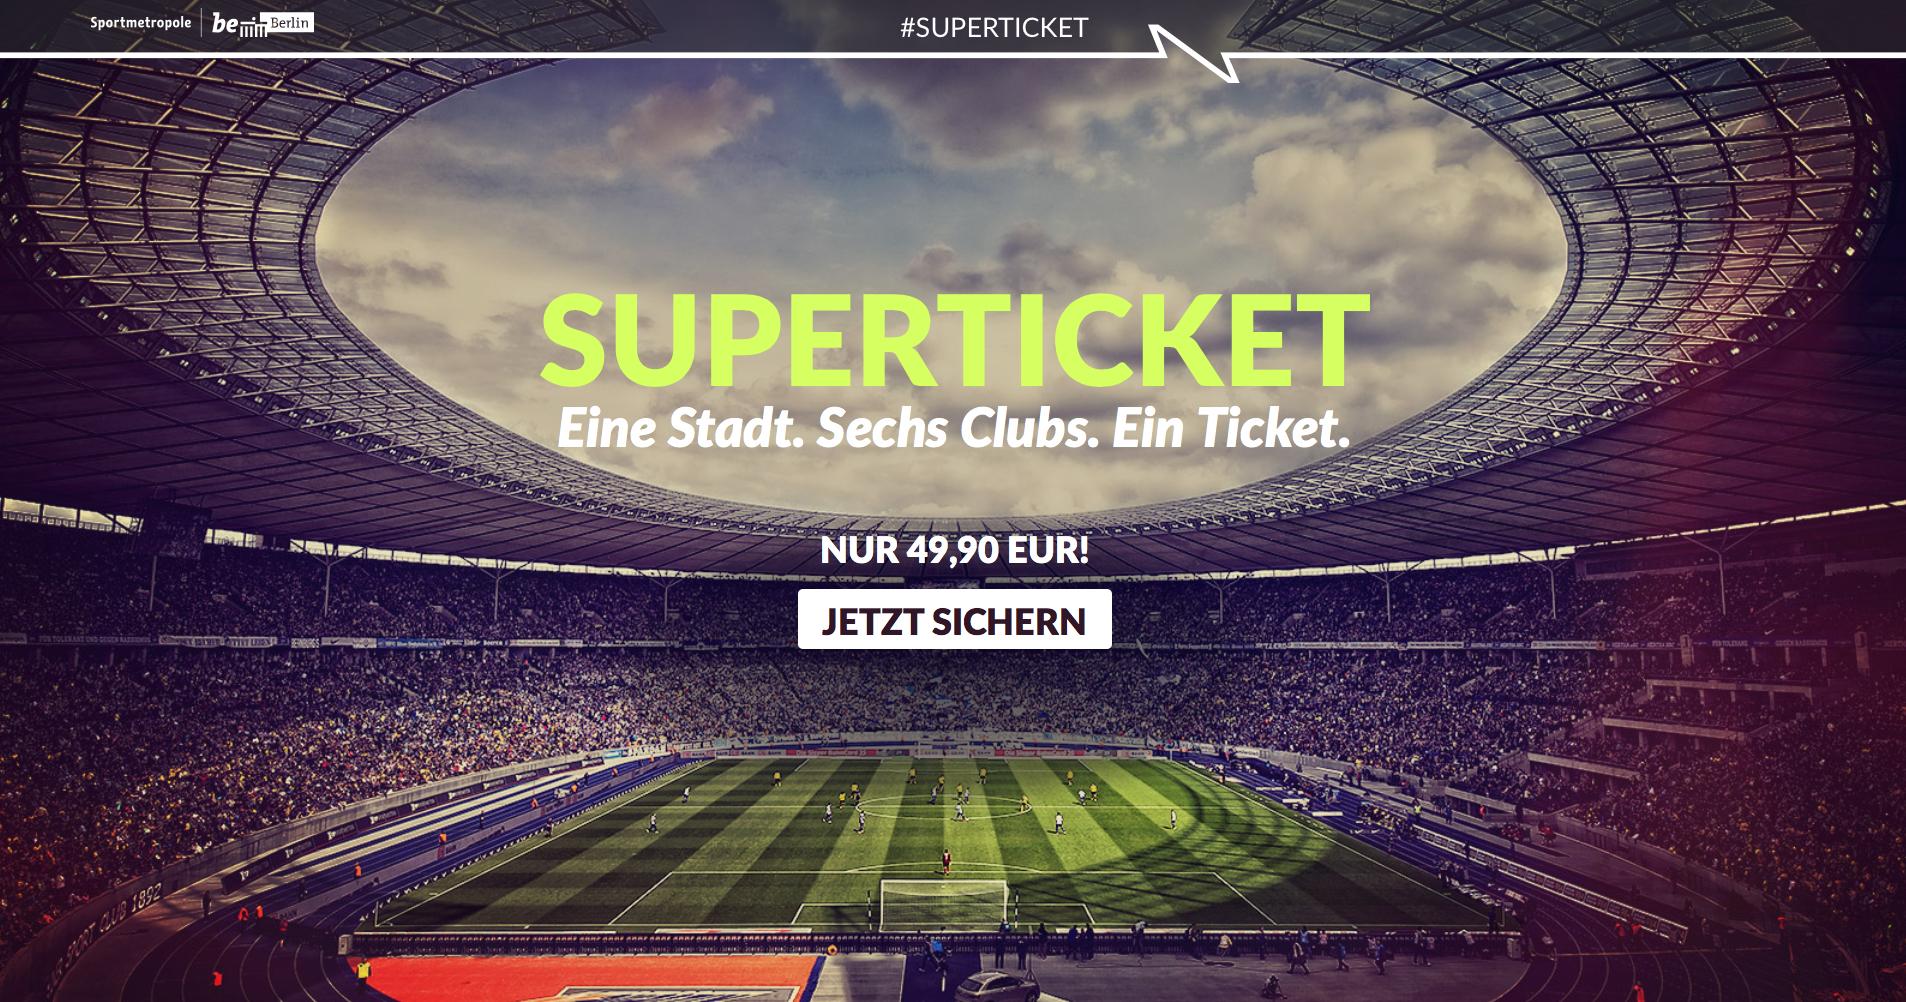 Berlin Superticket - ein Ticket für Alba Berlin, BR Volleys, Eisbären Berlin, Füchse Berlin, Hertha BSC und Union Berlin für 49,90€